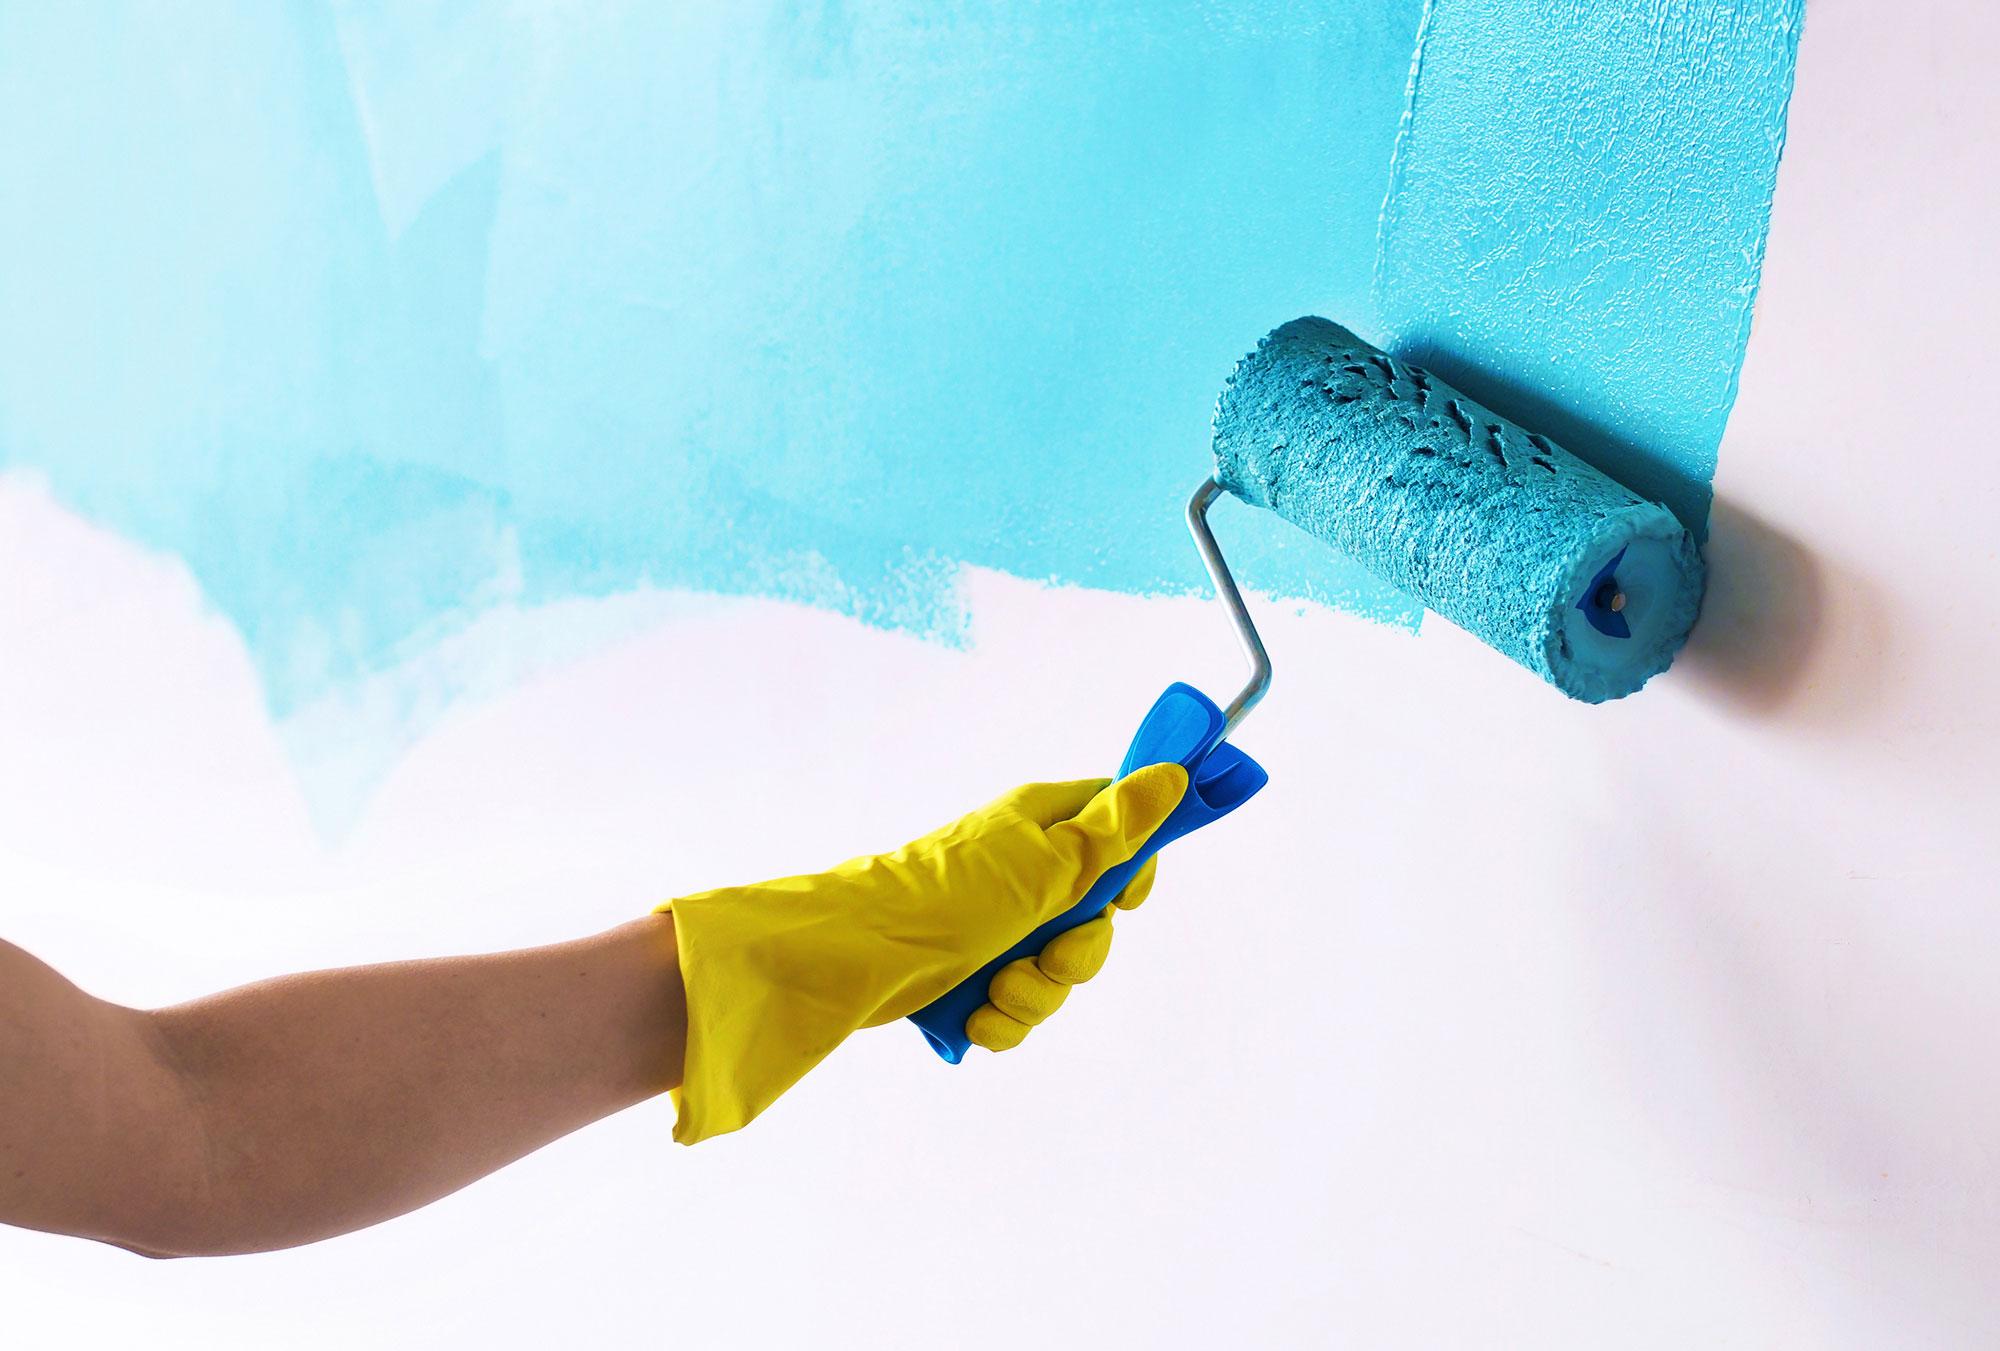 Gruppo Lavoro Service - Pitturazione interni Bari